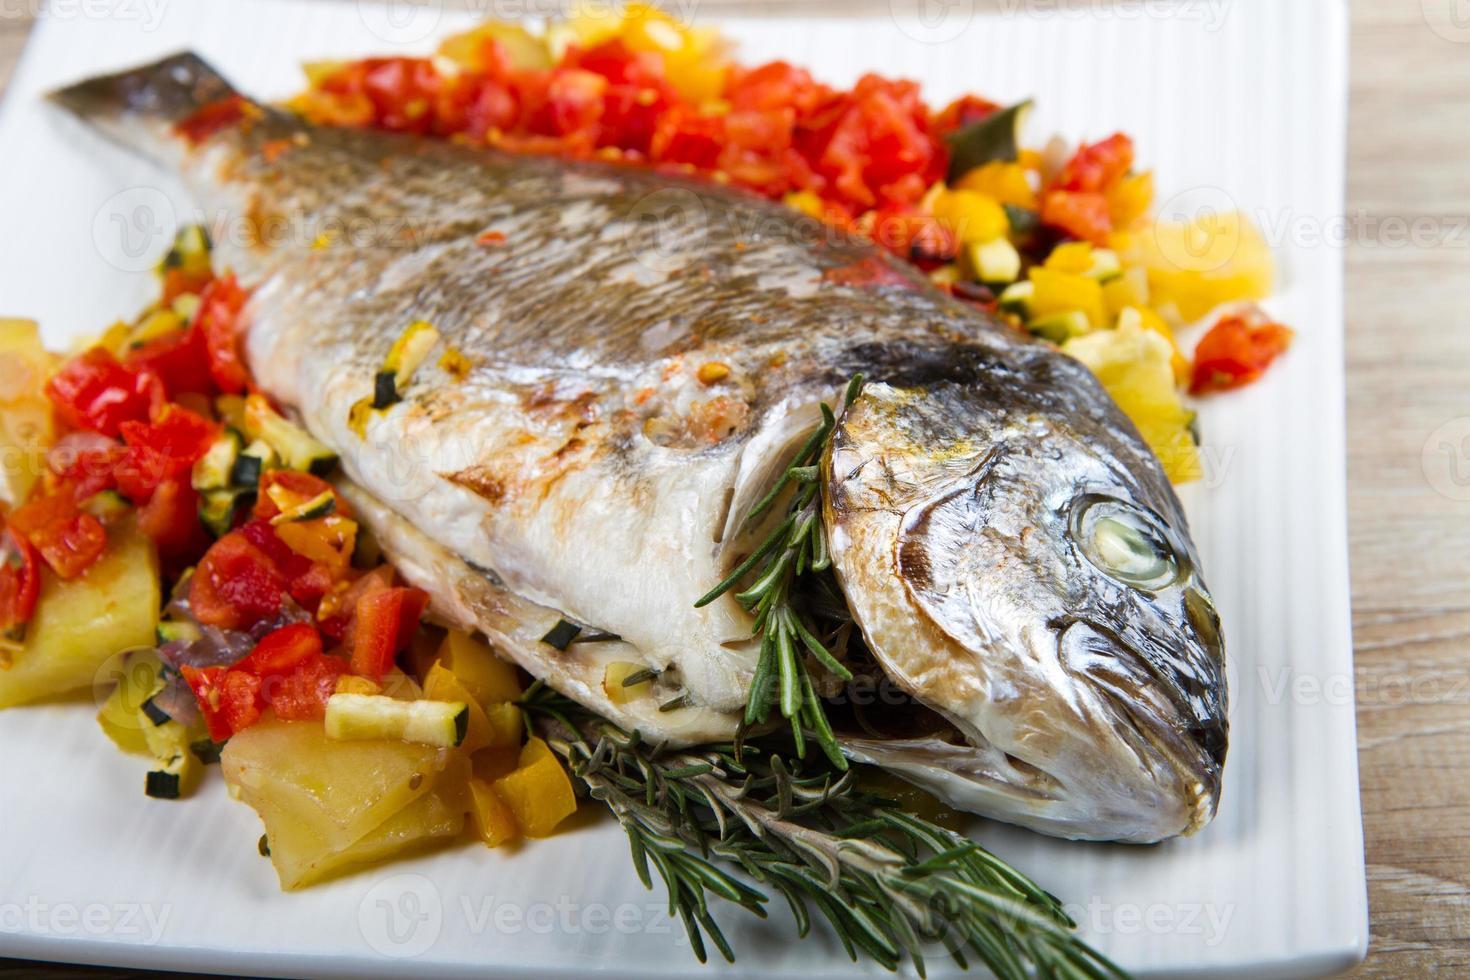 gebakken vis met groenten foto